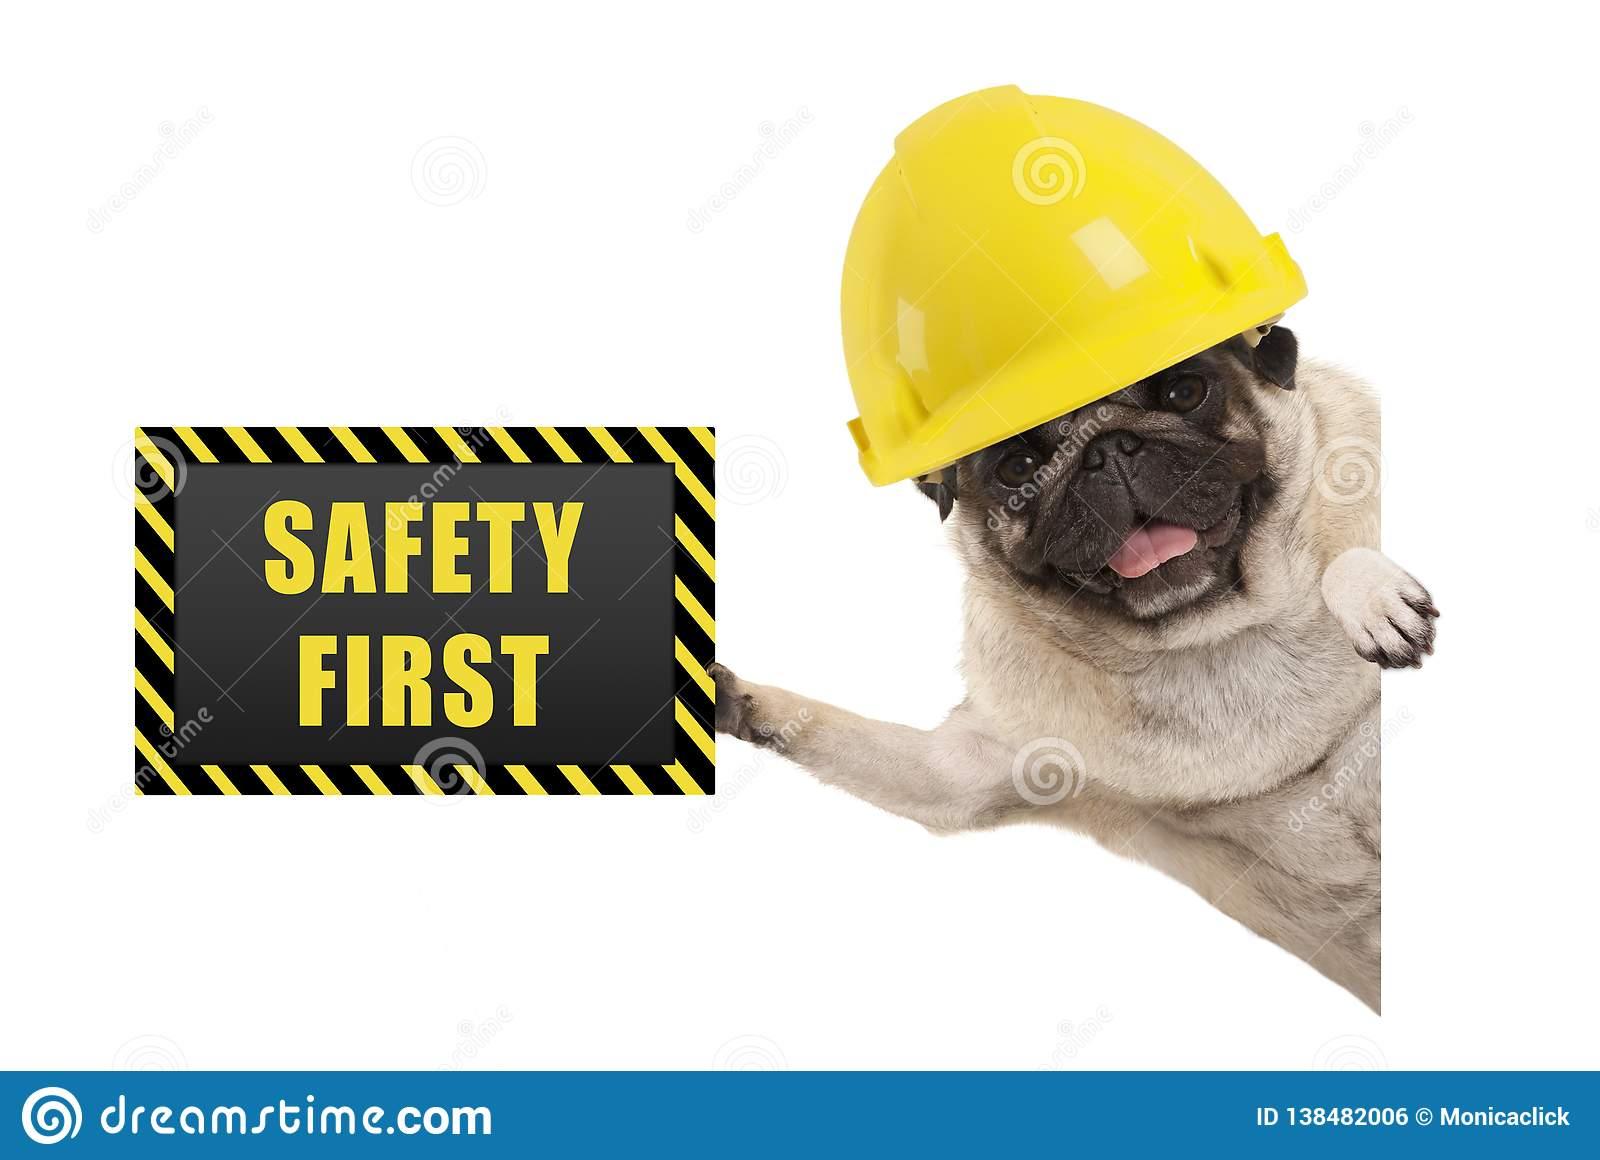 sicurezza_cani